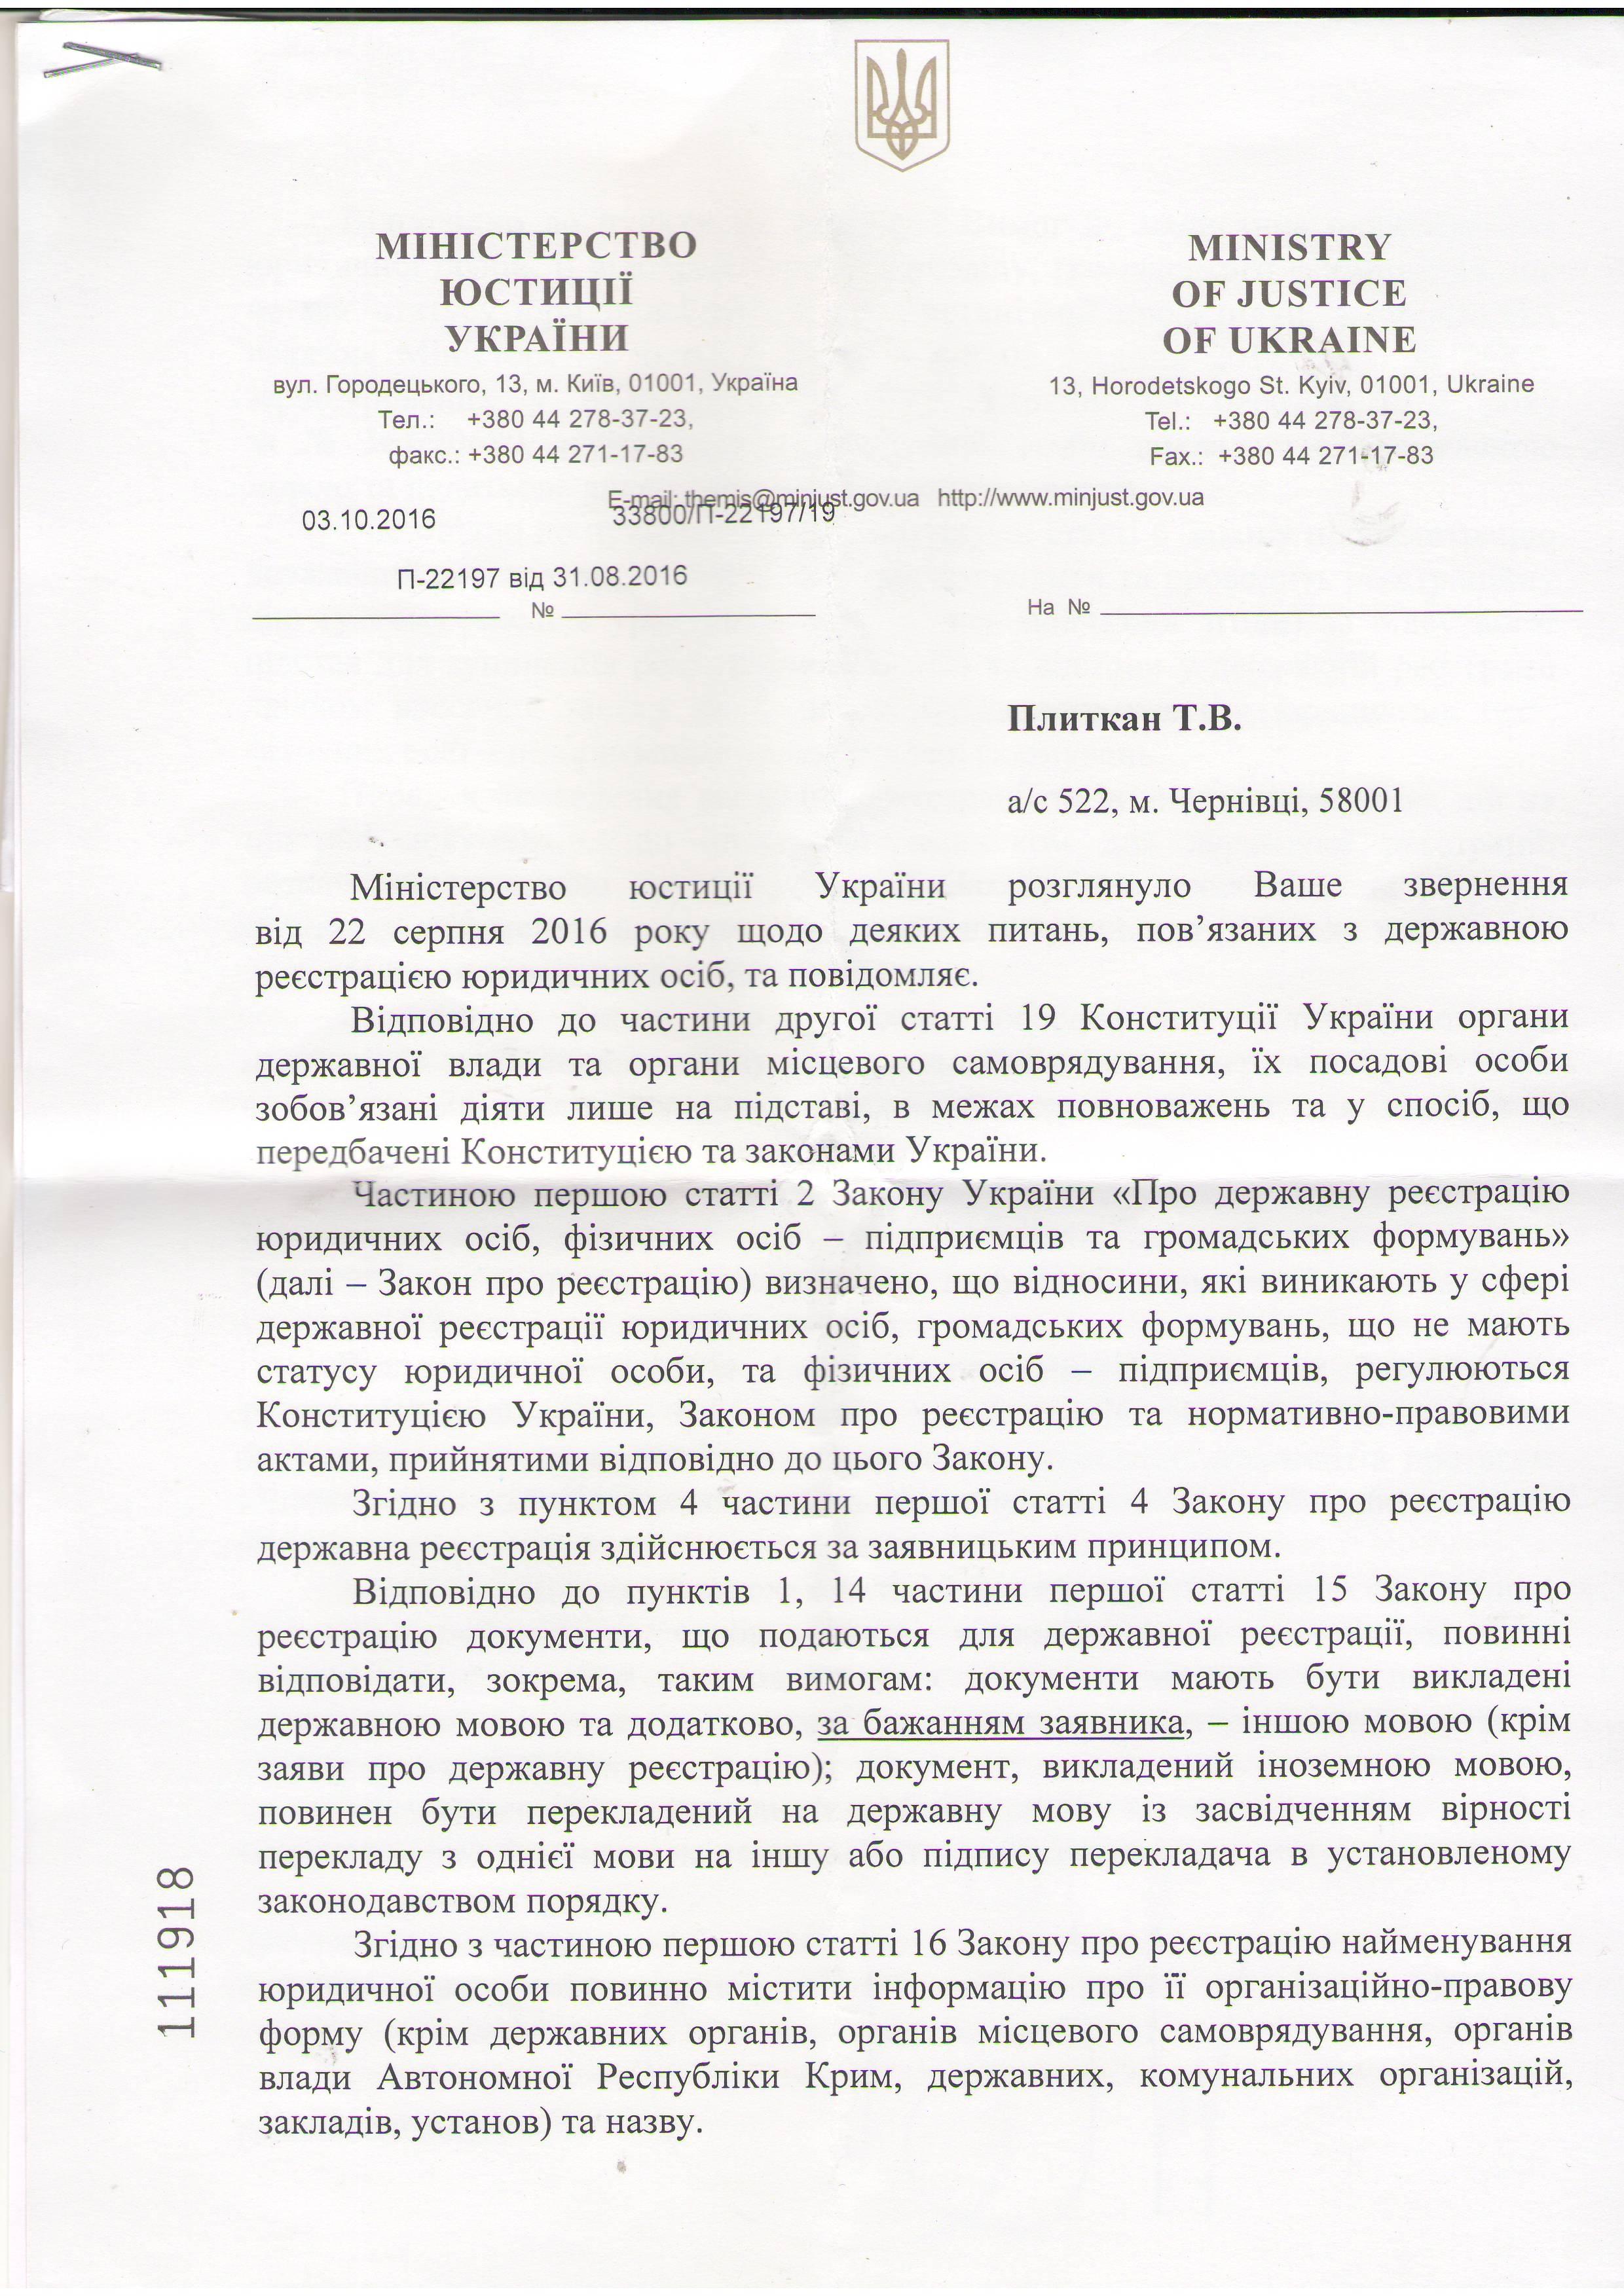 Мировые судьи Октябрьского района СПРАВКА КИРОВА (Кировская область)